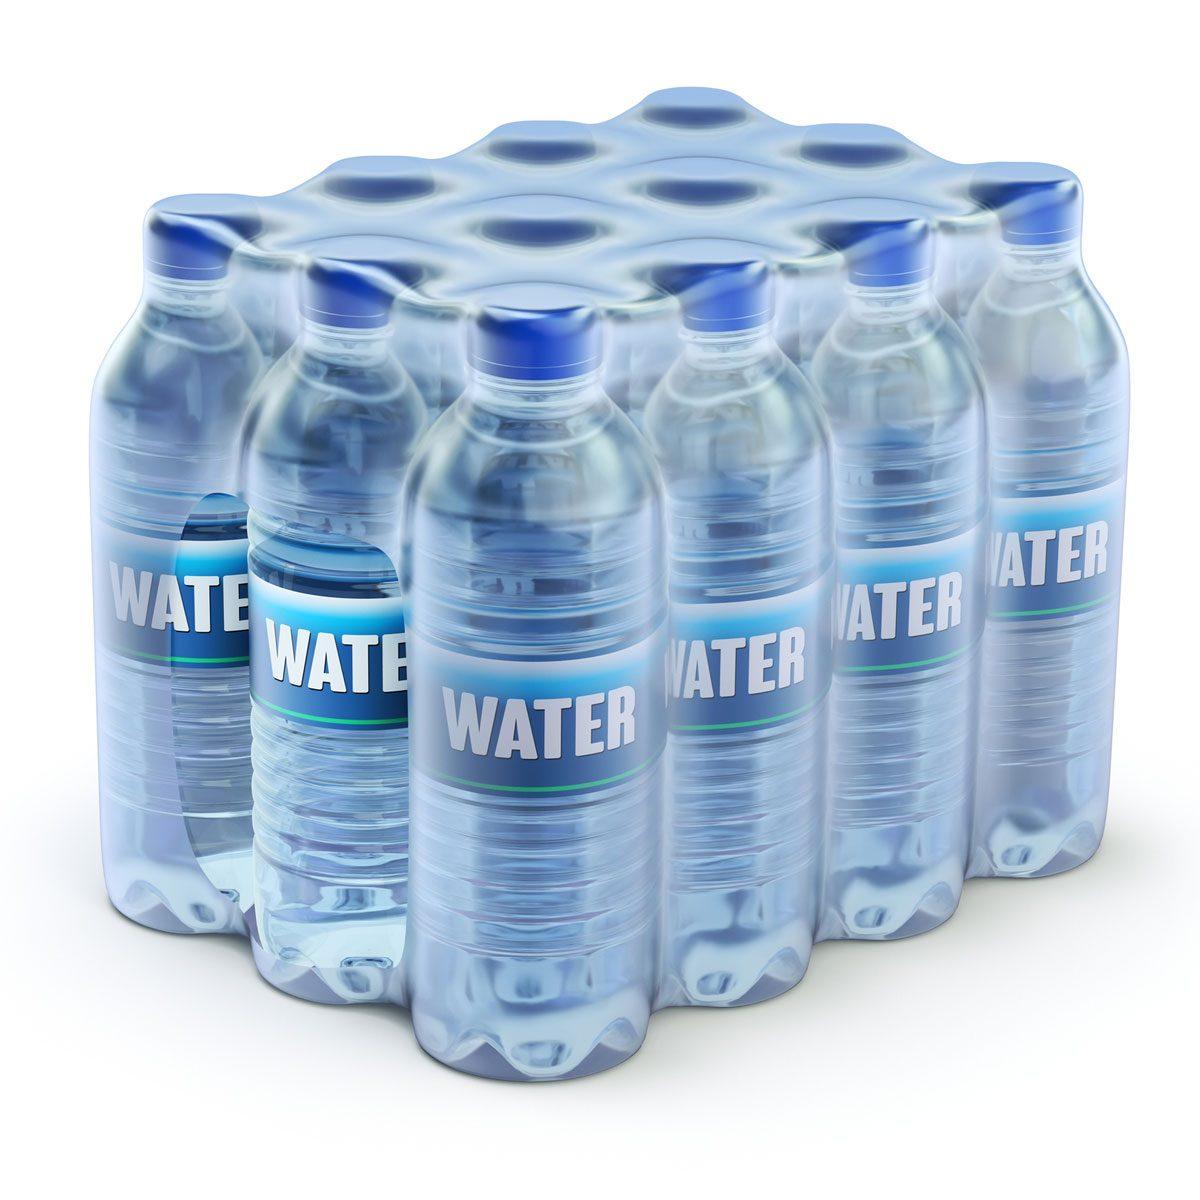 Package of a dozen water bottles